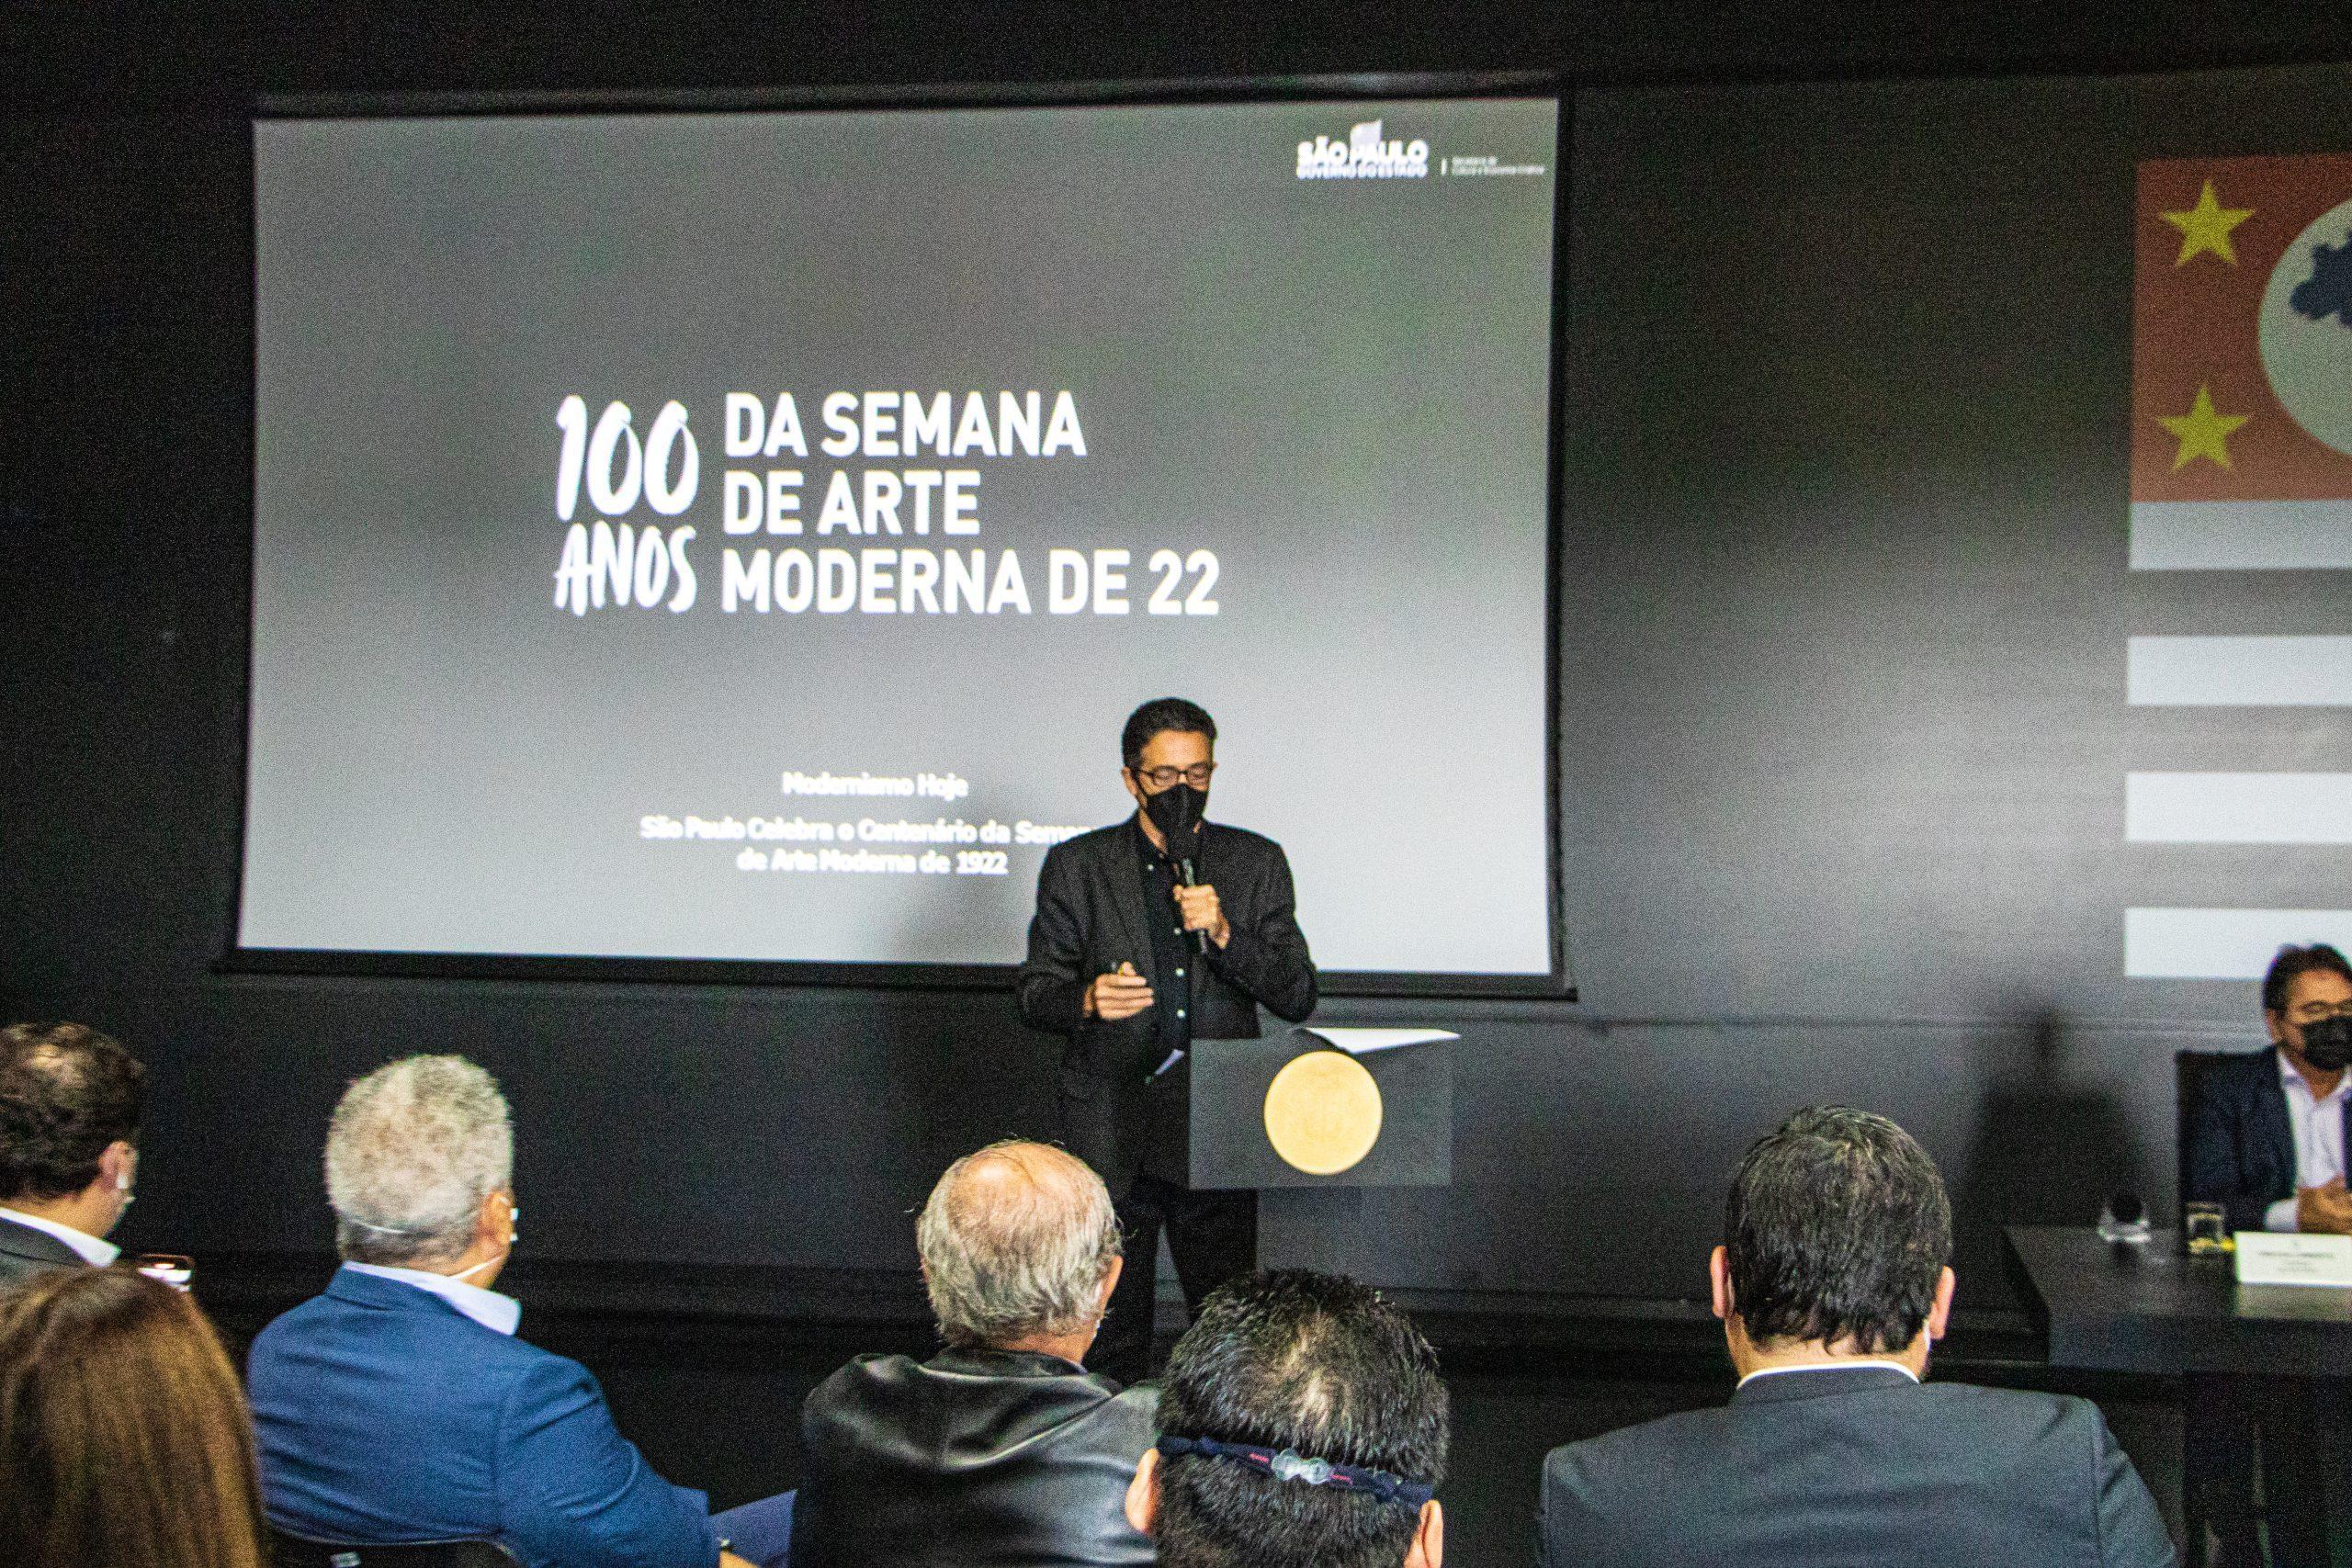 Governo de São Paulo dá a largada para as comemorações do centenário da Semana de Arte Moderna com a apresentação de um grande projeto